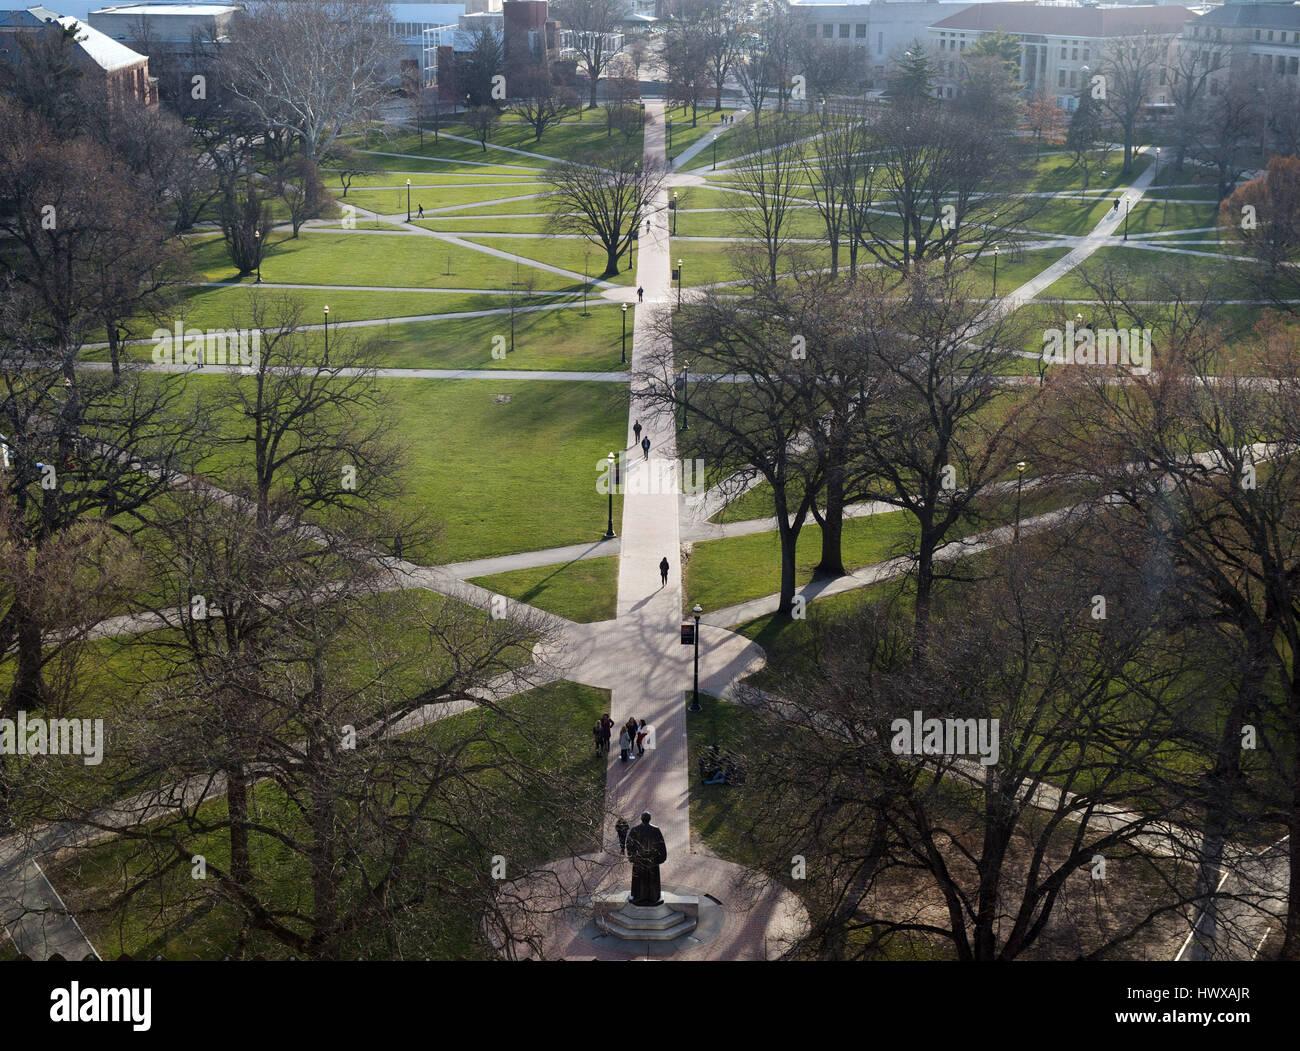 Marzo 23, 2017: ovale compagnia presso la Ohio State University. Columbus, Ohio. Brent Clark/Alamy Live News Immagini Stock